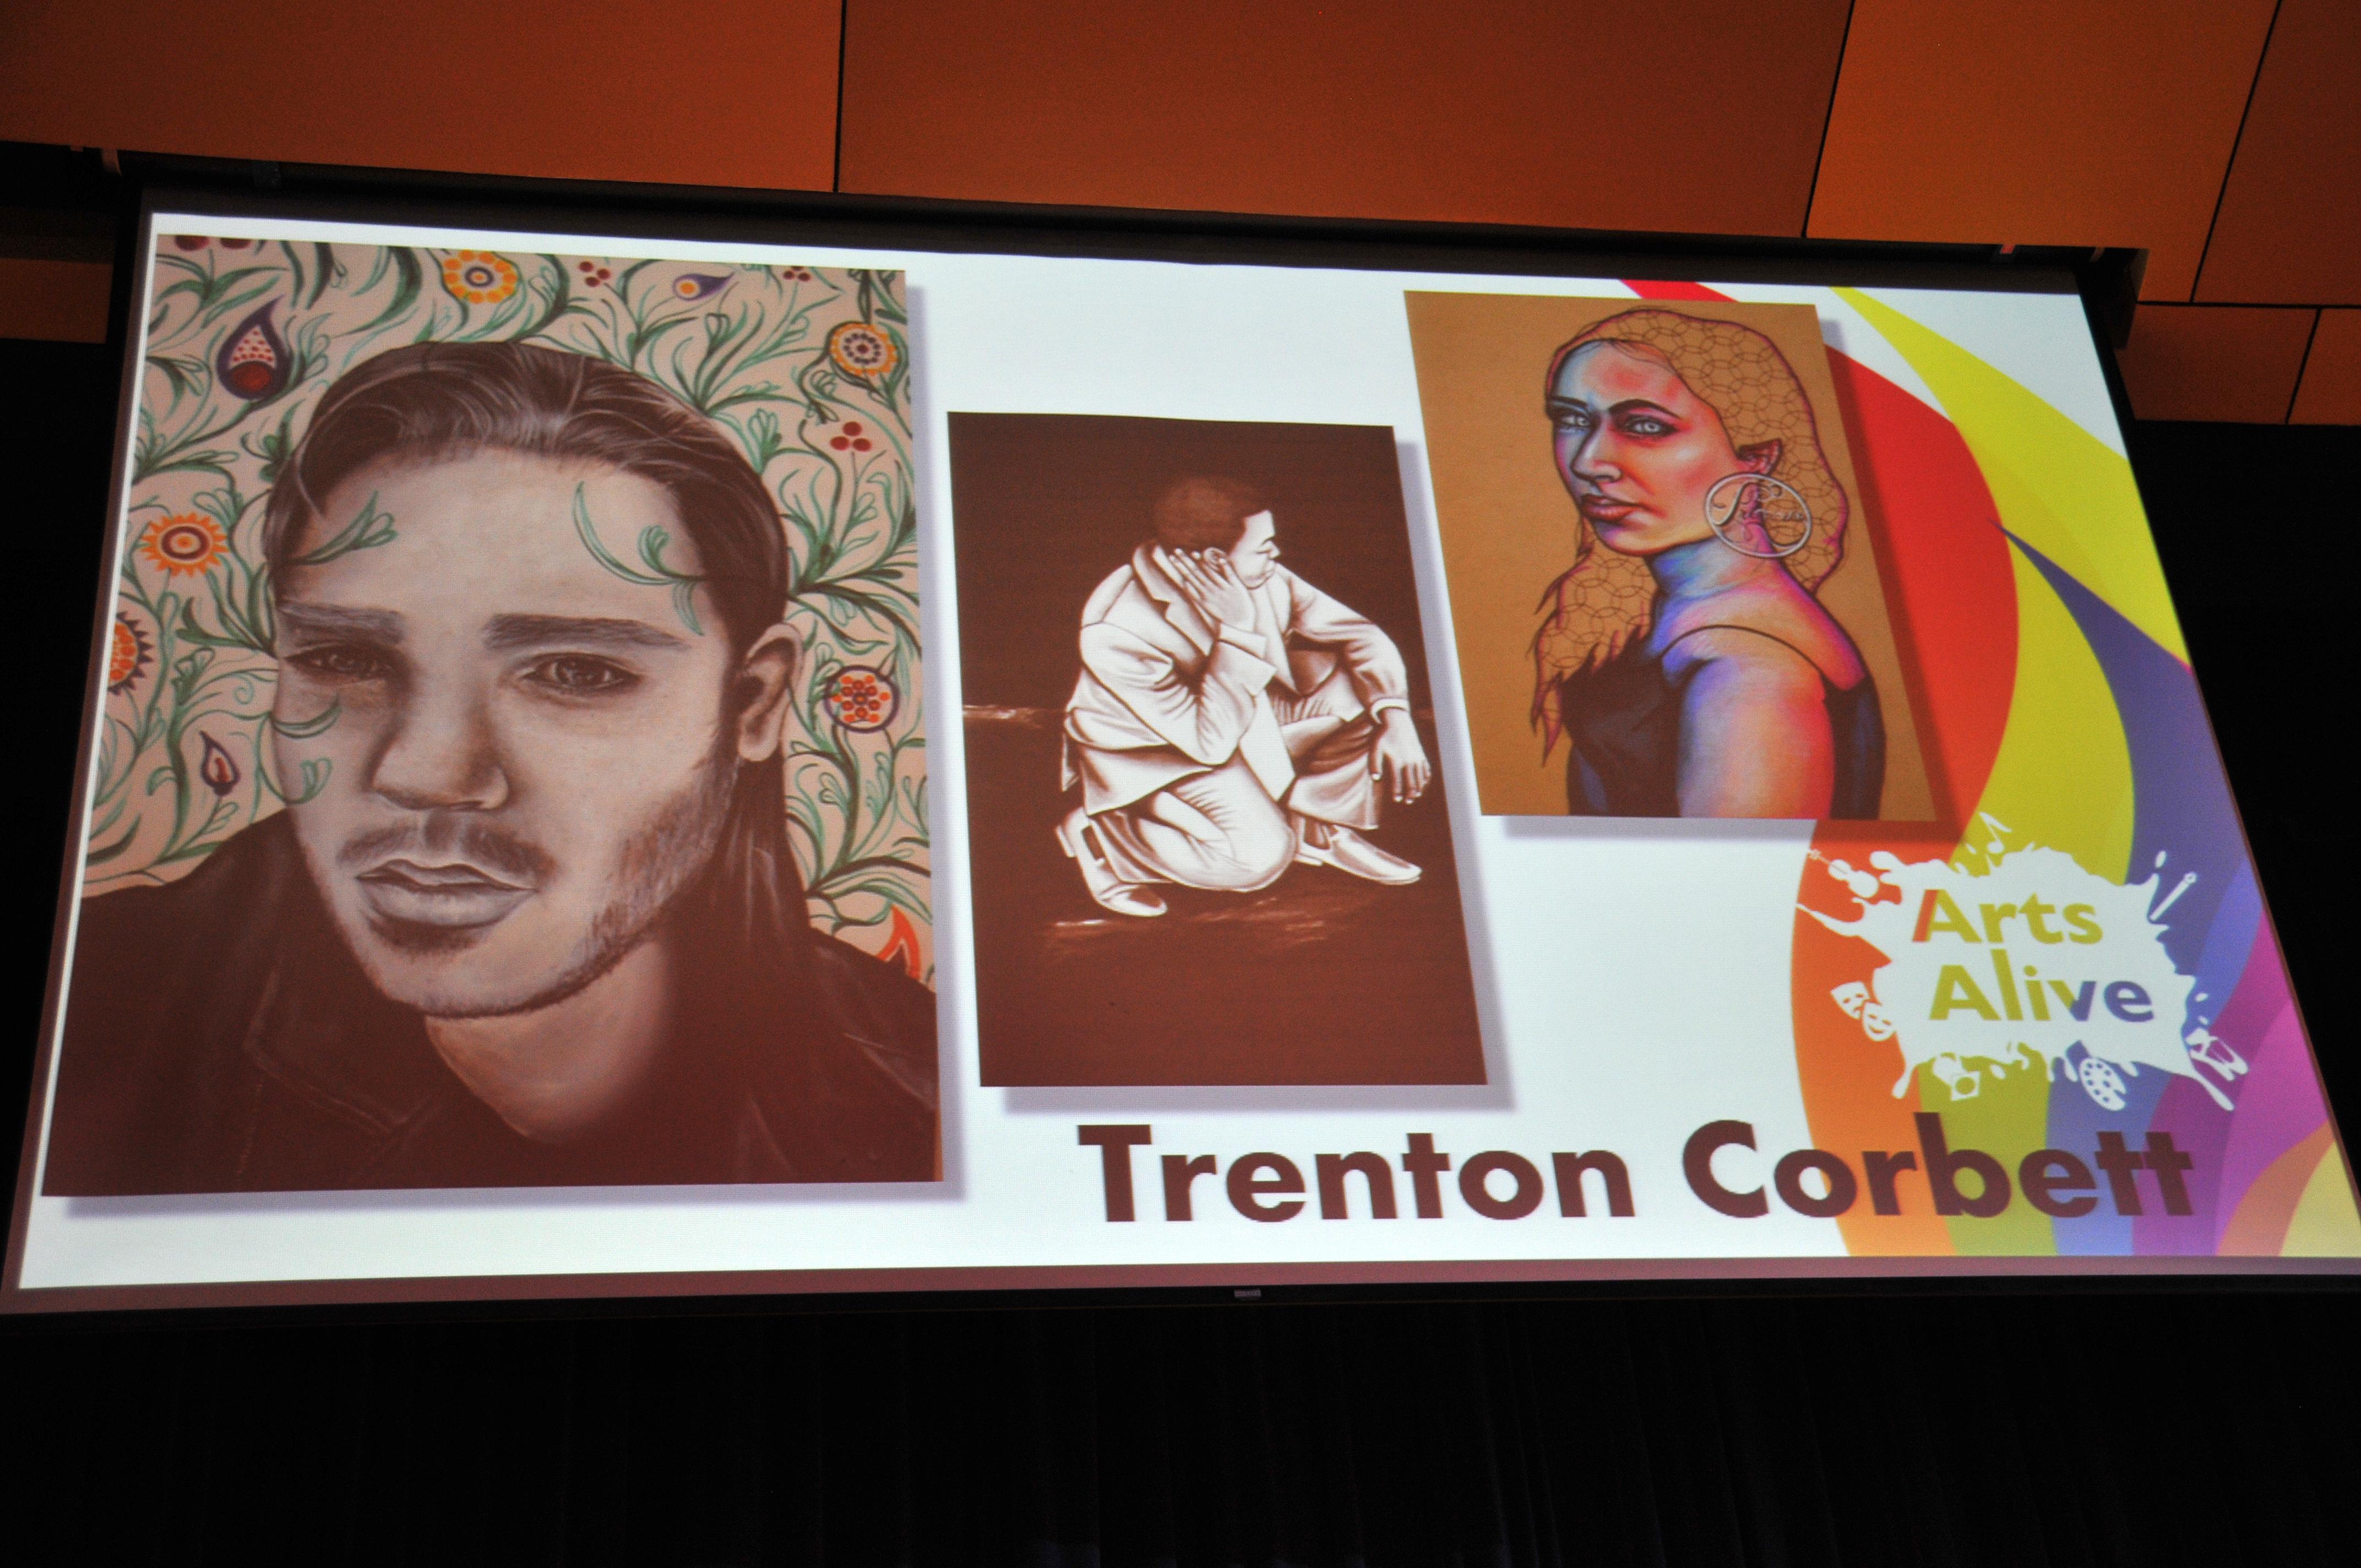 Trenton Corbett